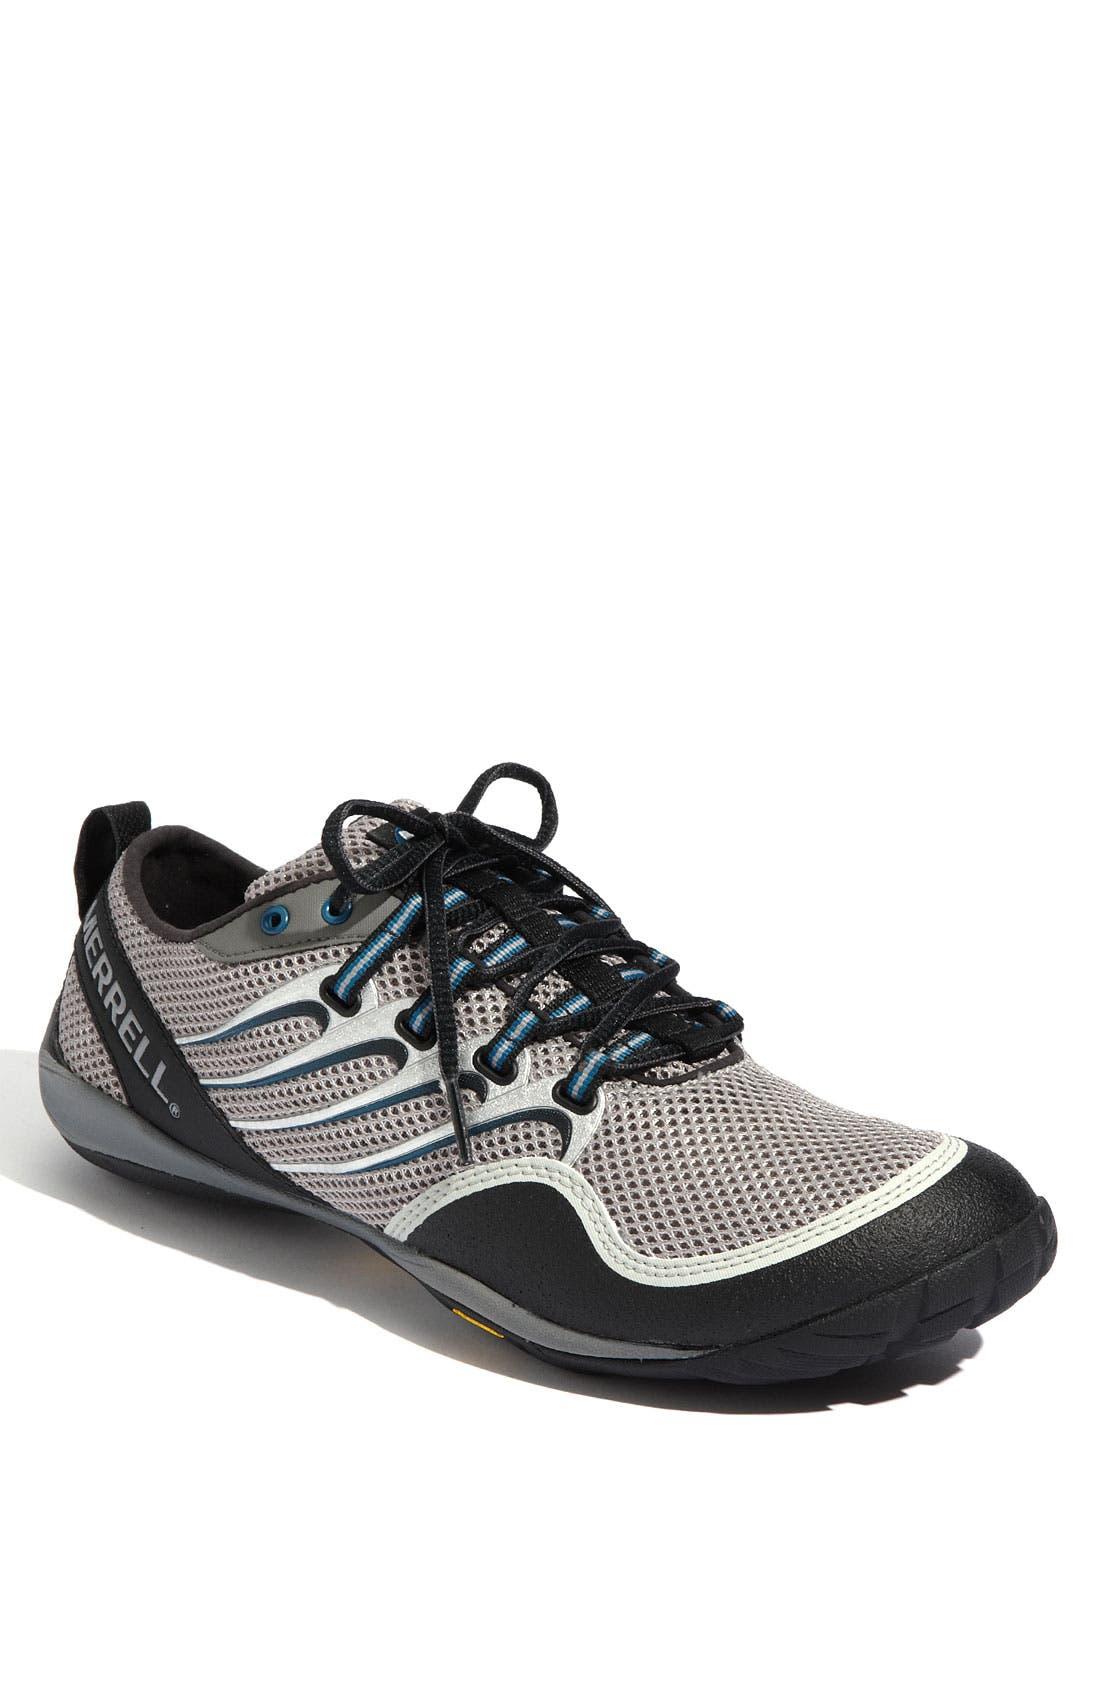 Main Image - Merrell 'Trail Glove' Running Shoe (Men)